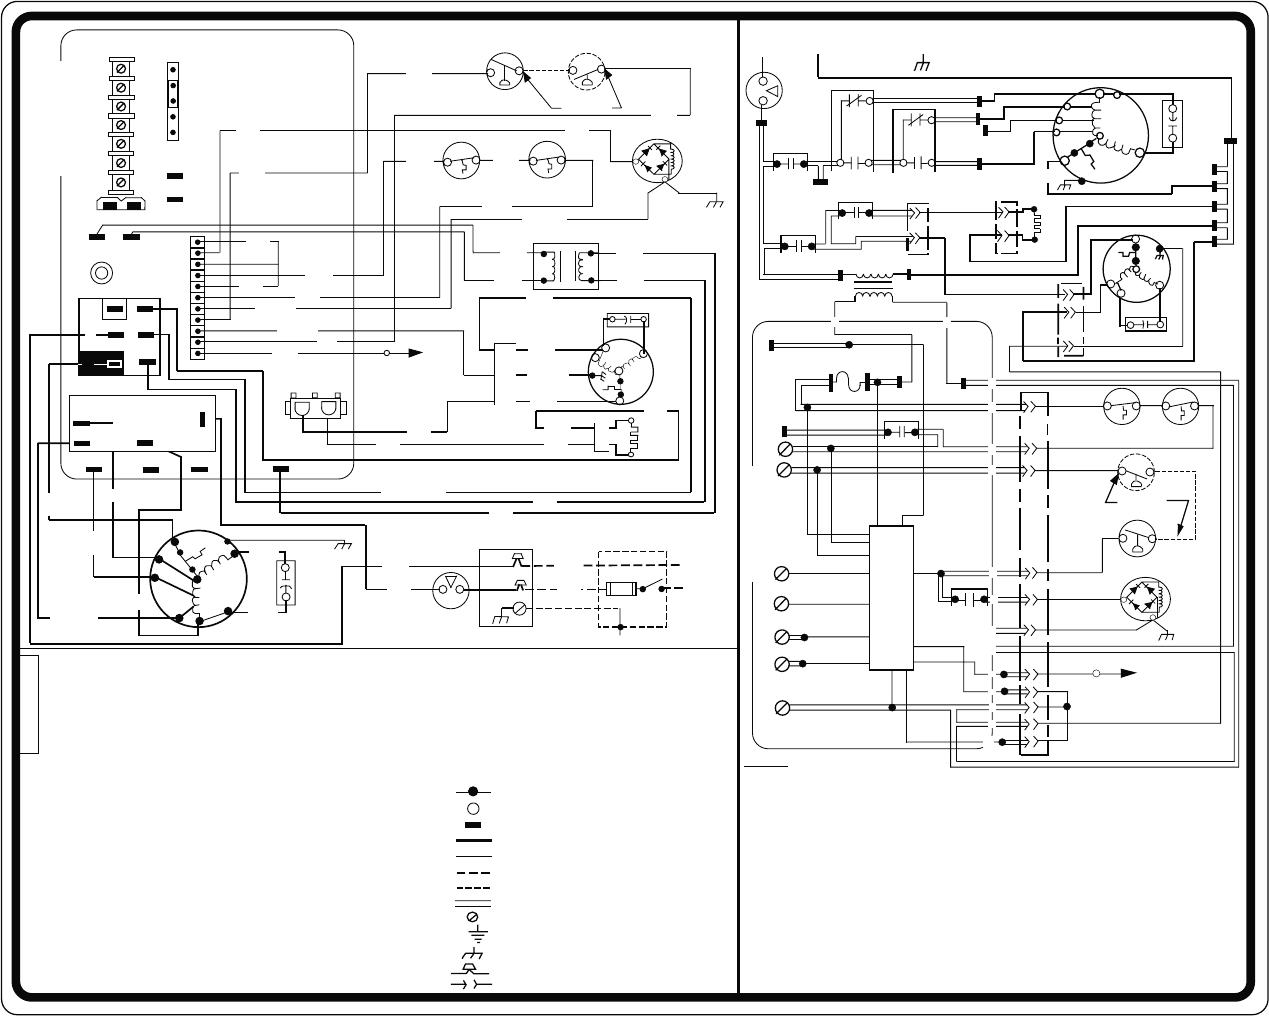 Bryant 350MAV PCB